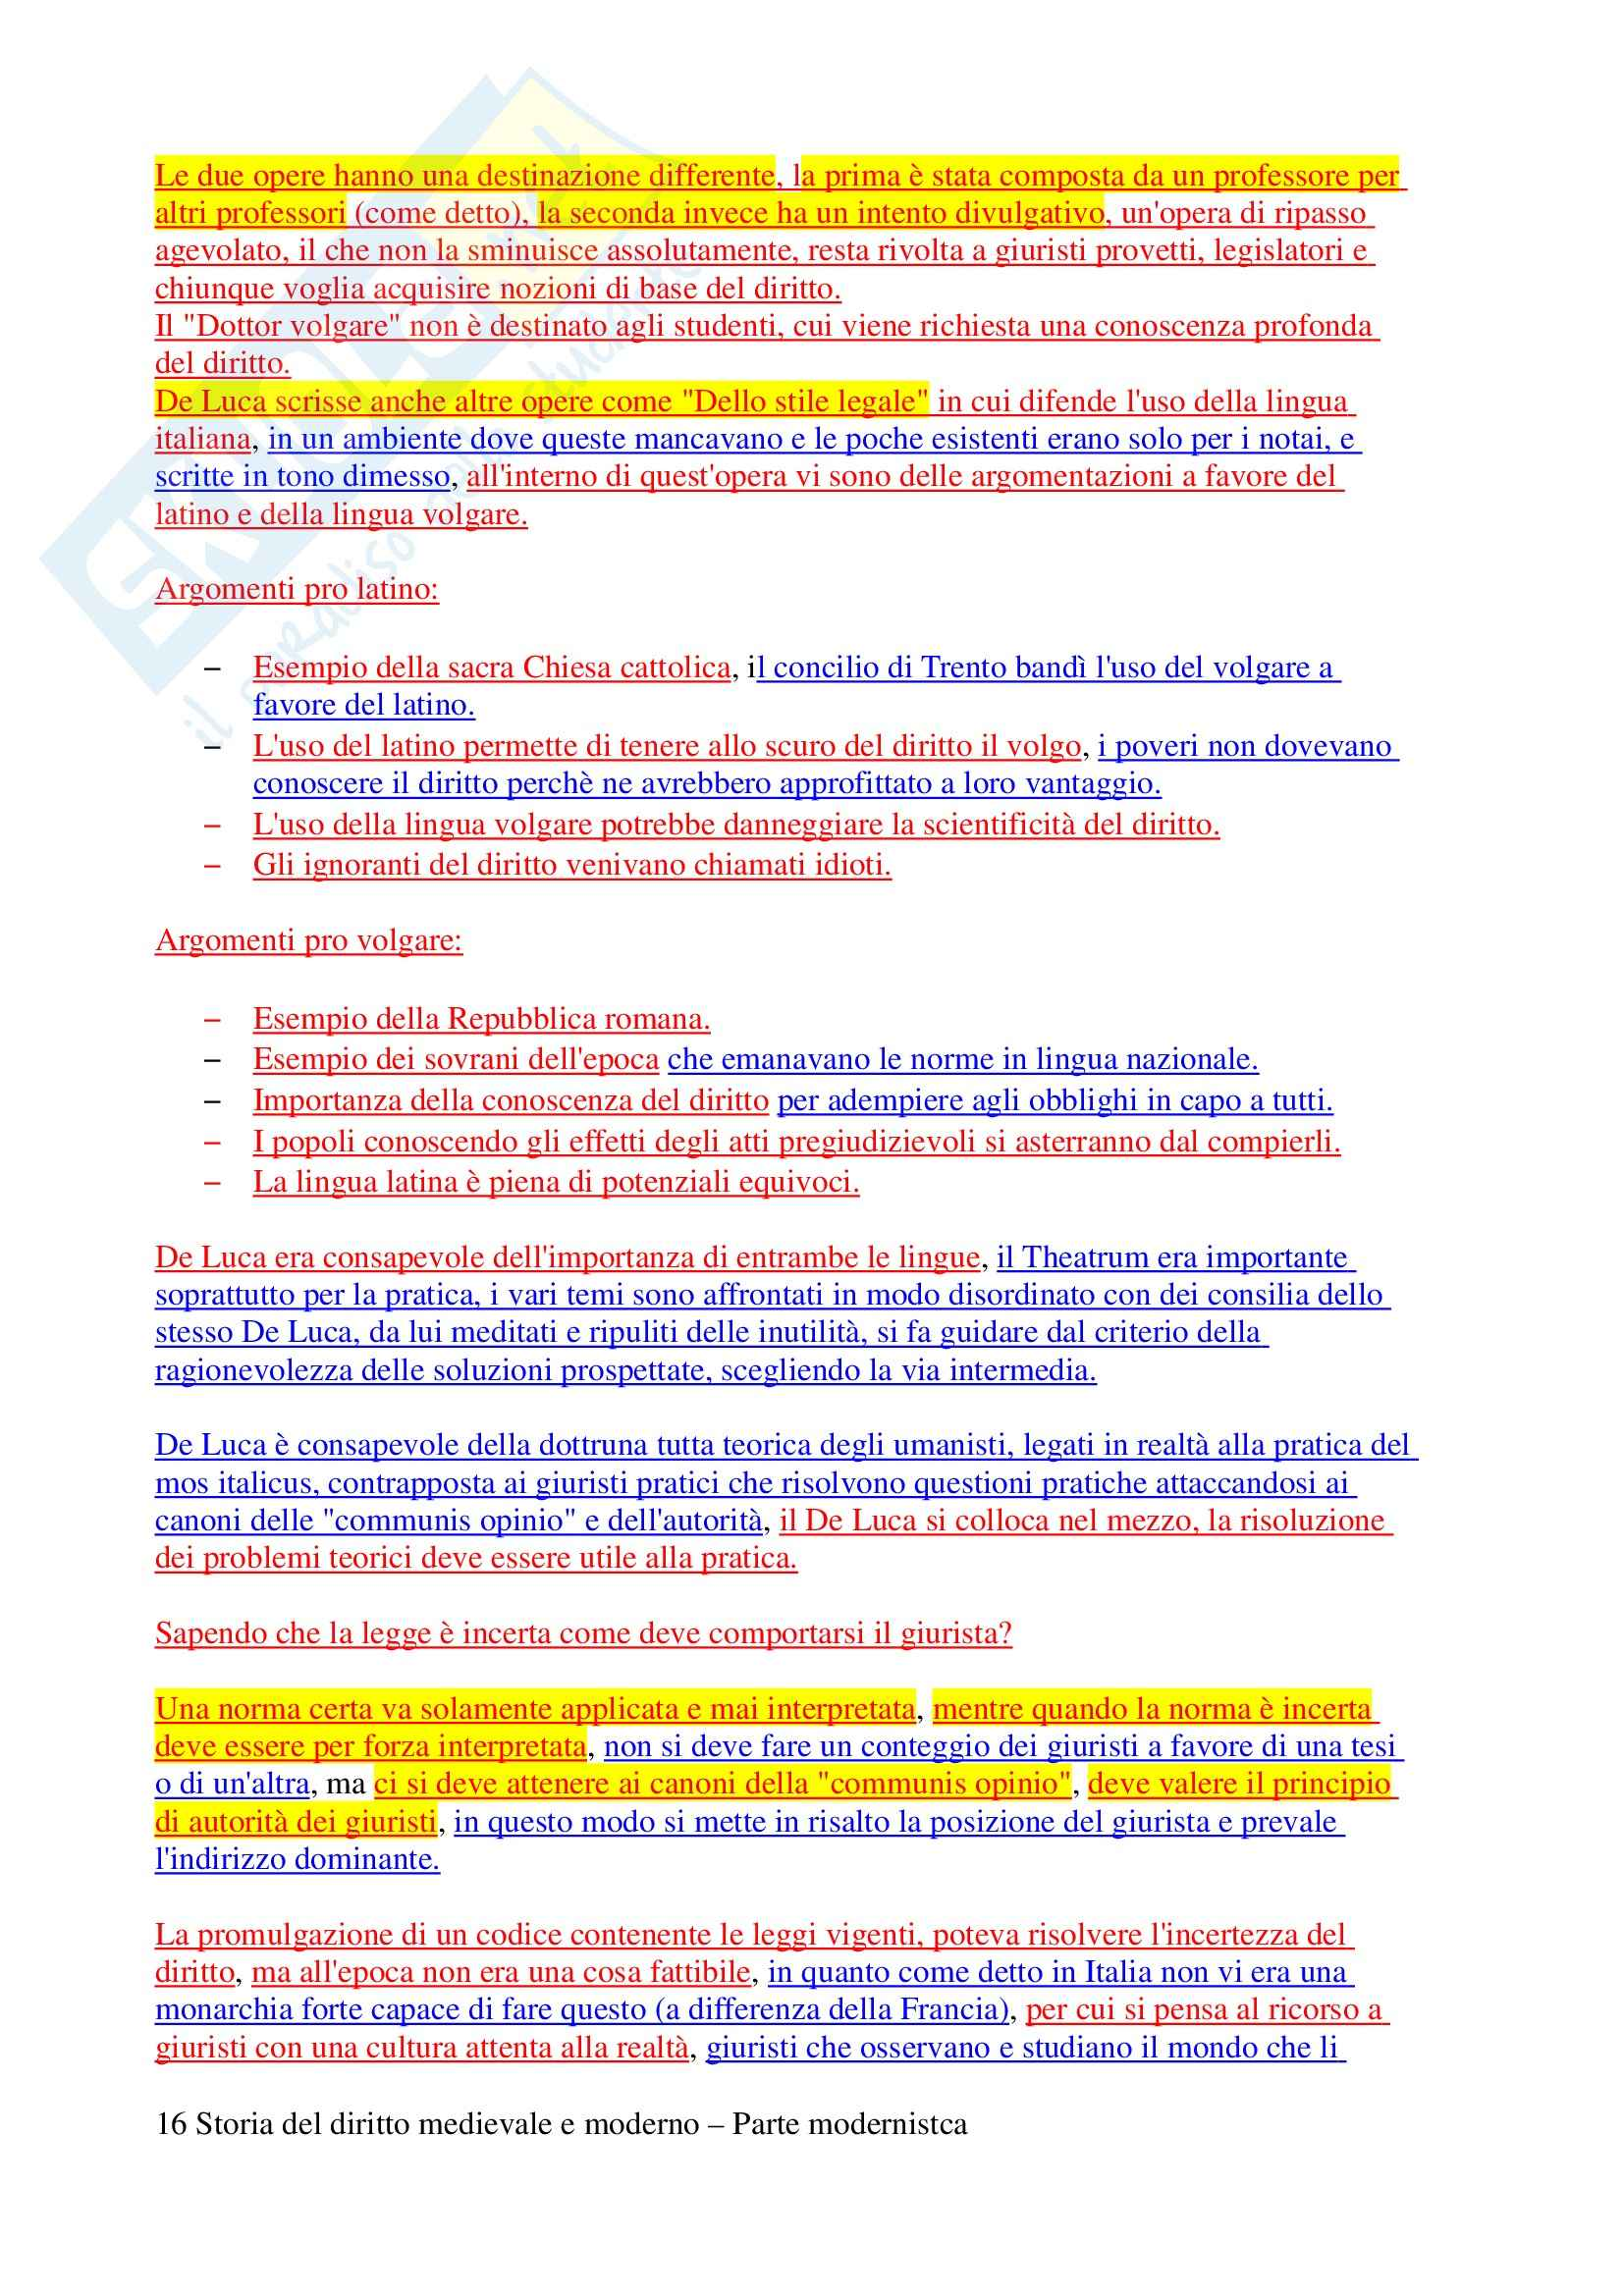 Storia del diritto medievale e  moderno - Domande e risposte Pag. 16